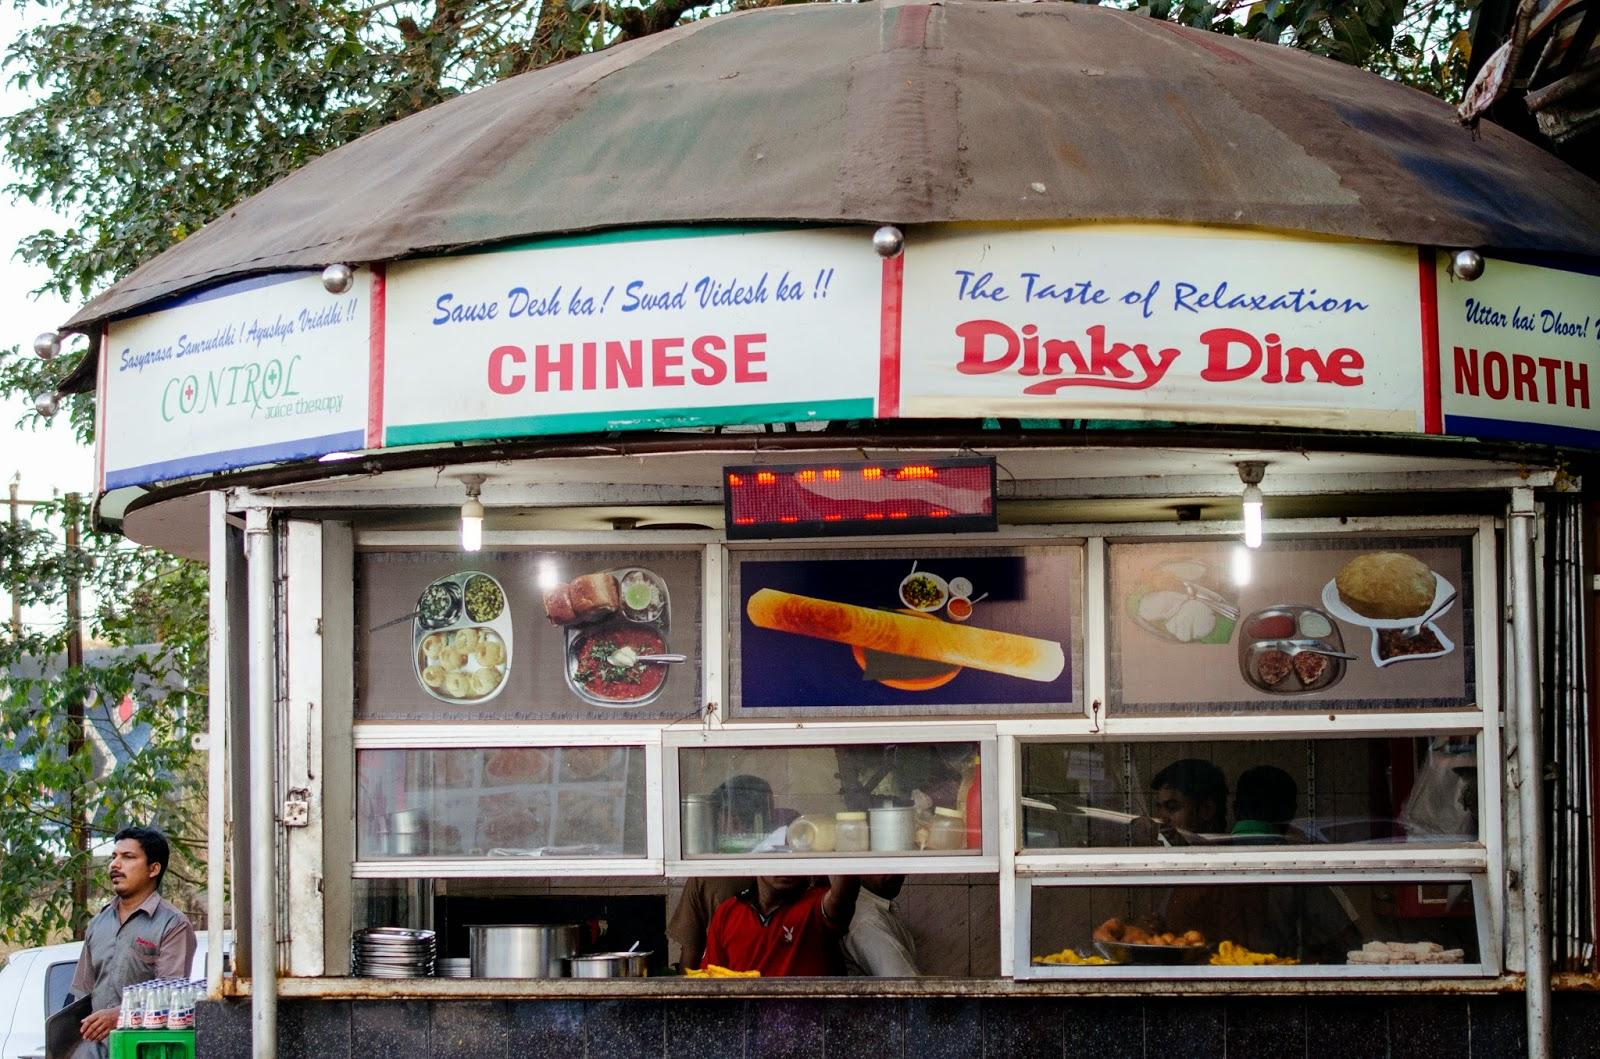 Dinky Dine